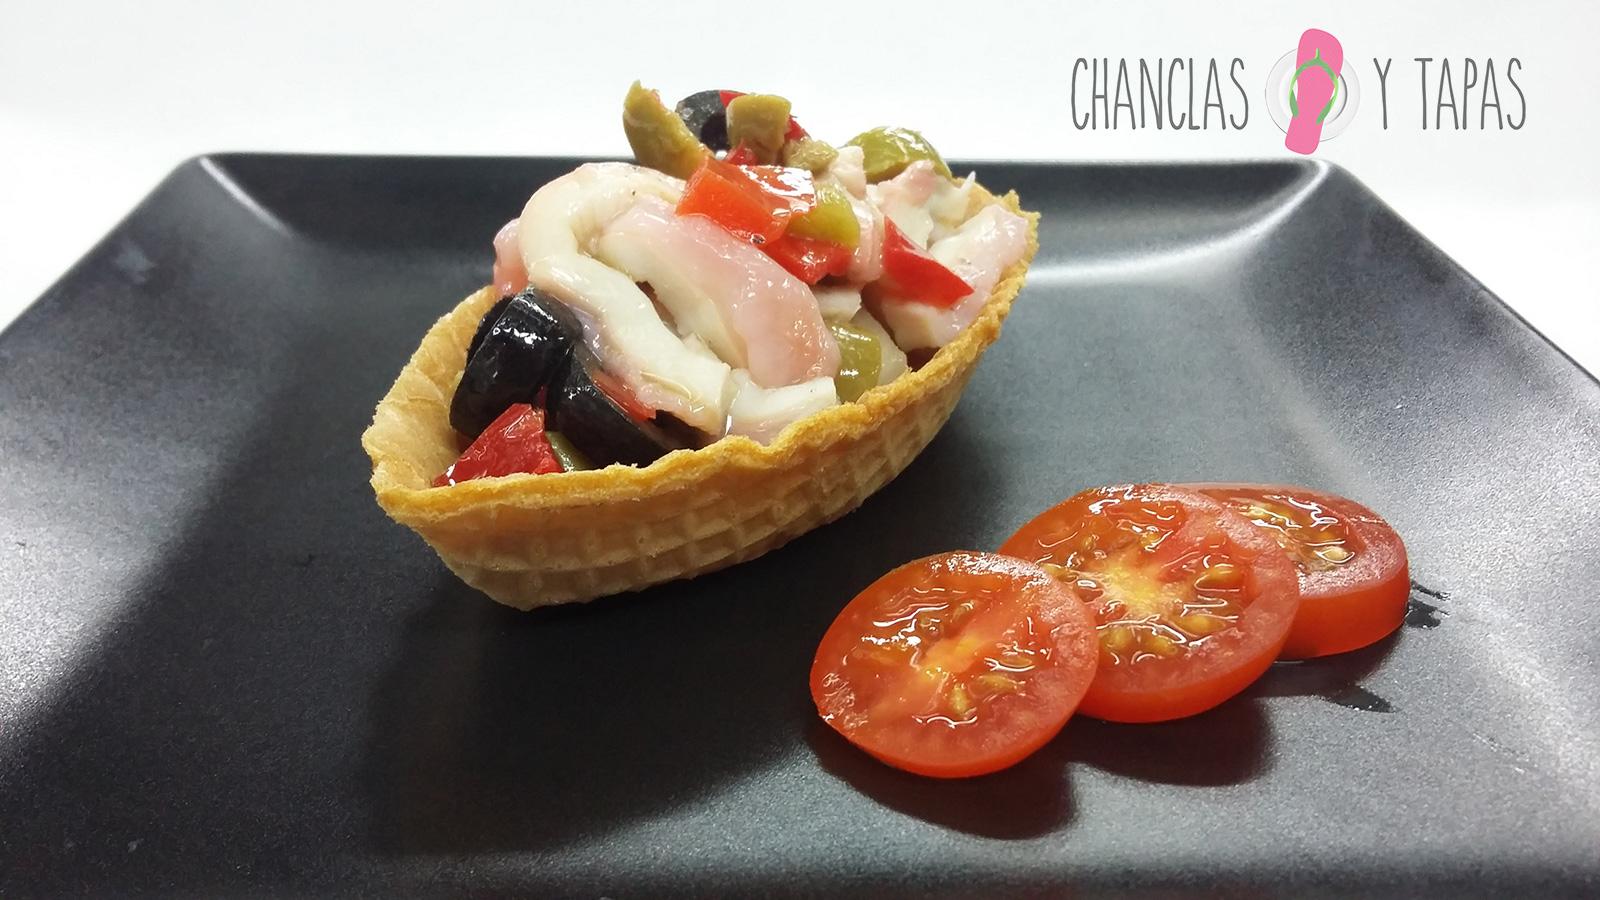 GHP---Laminas-de-pulpo-con-vinagreta-de-carabinero-en-isla-flotante